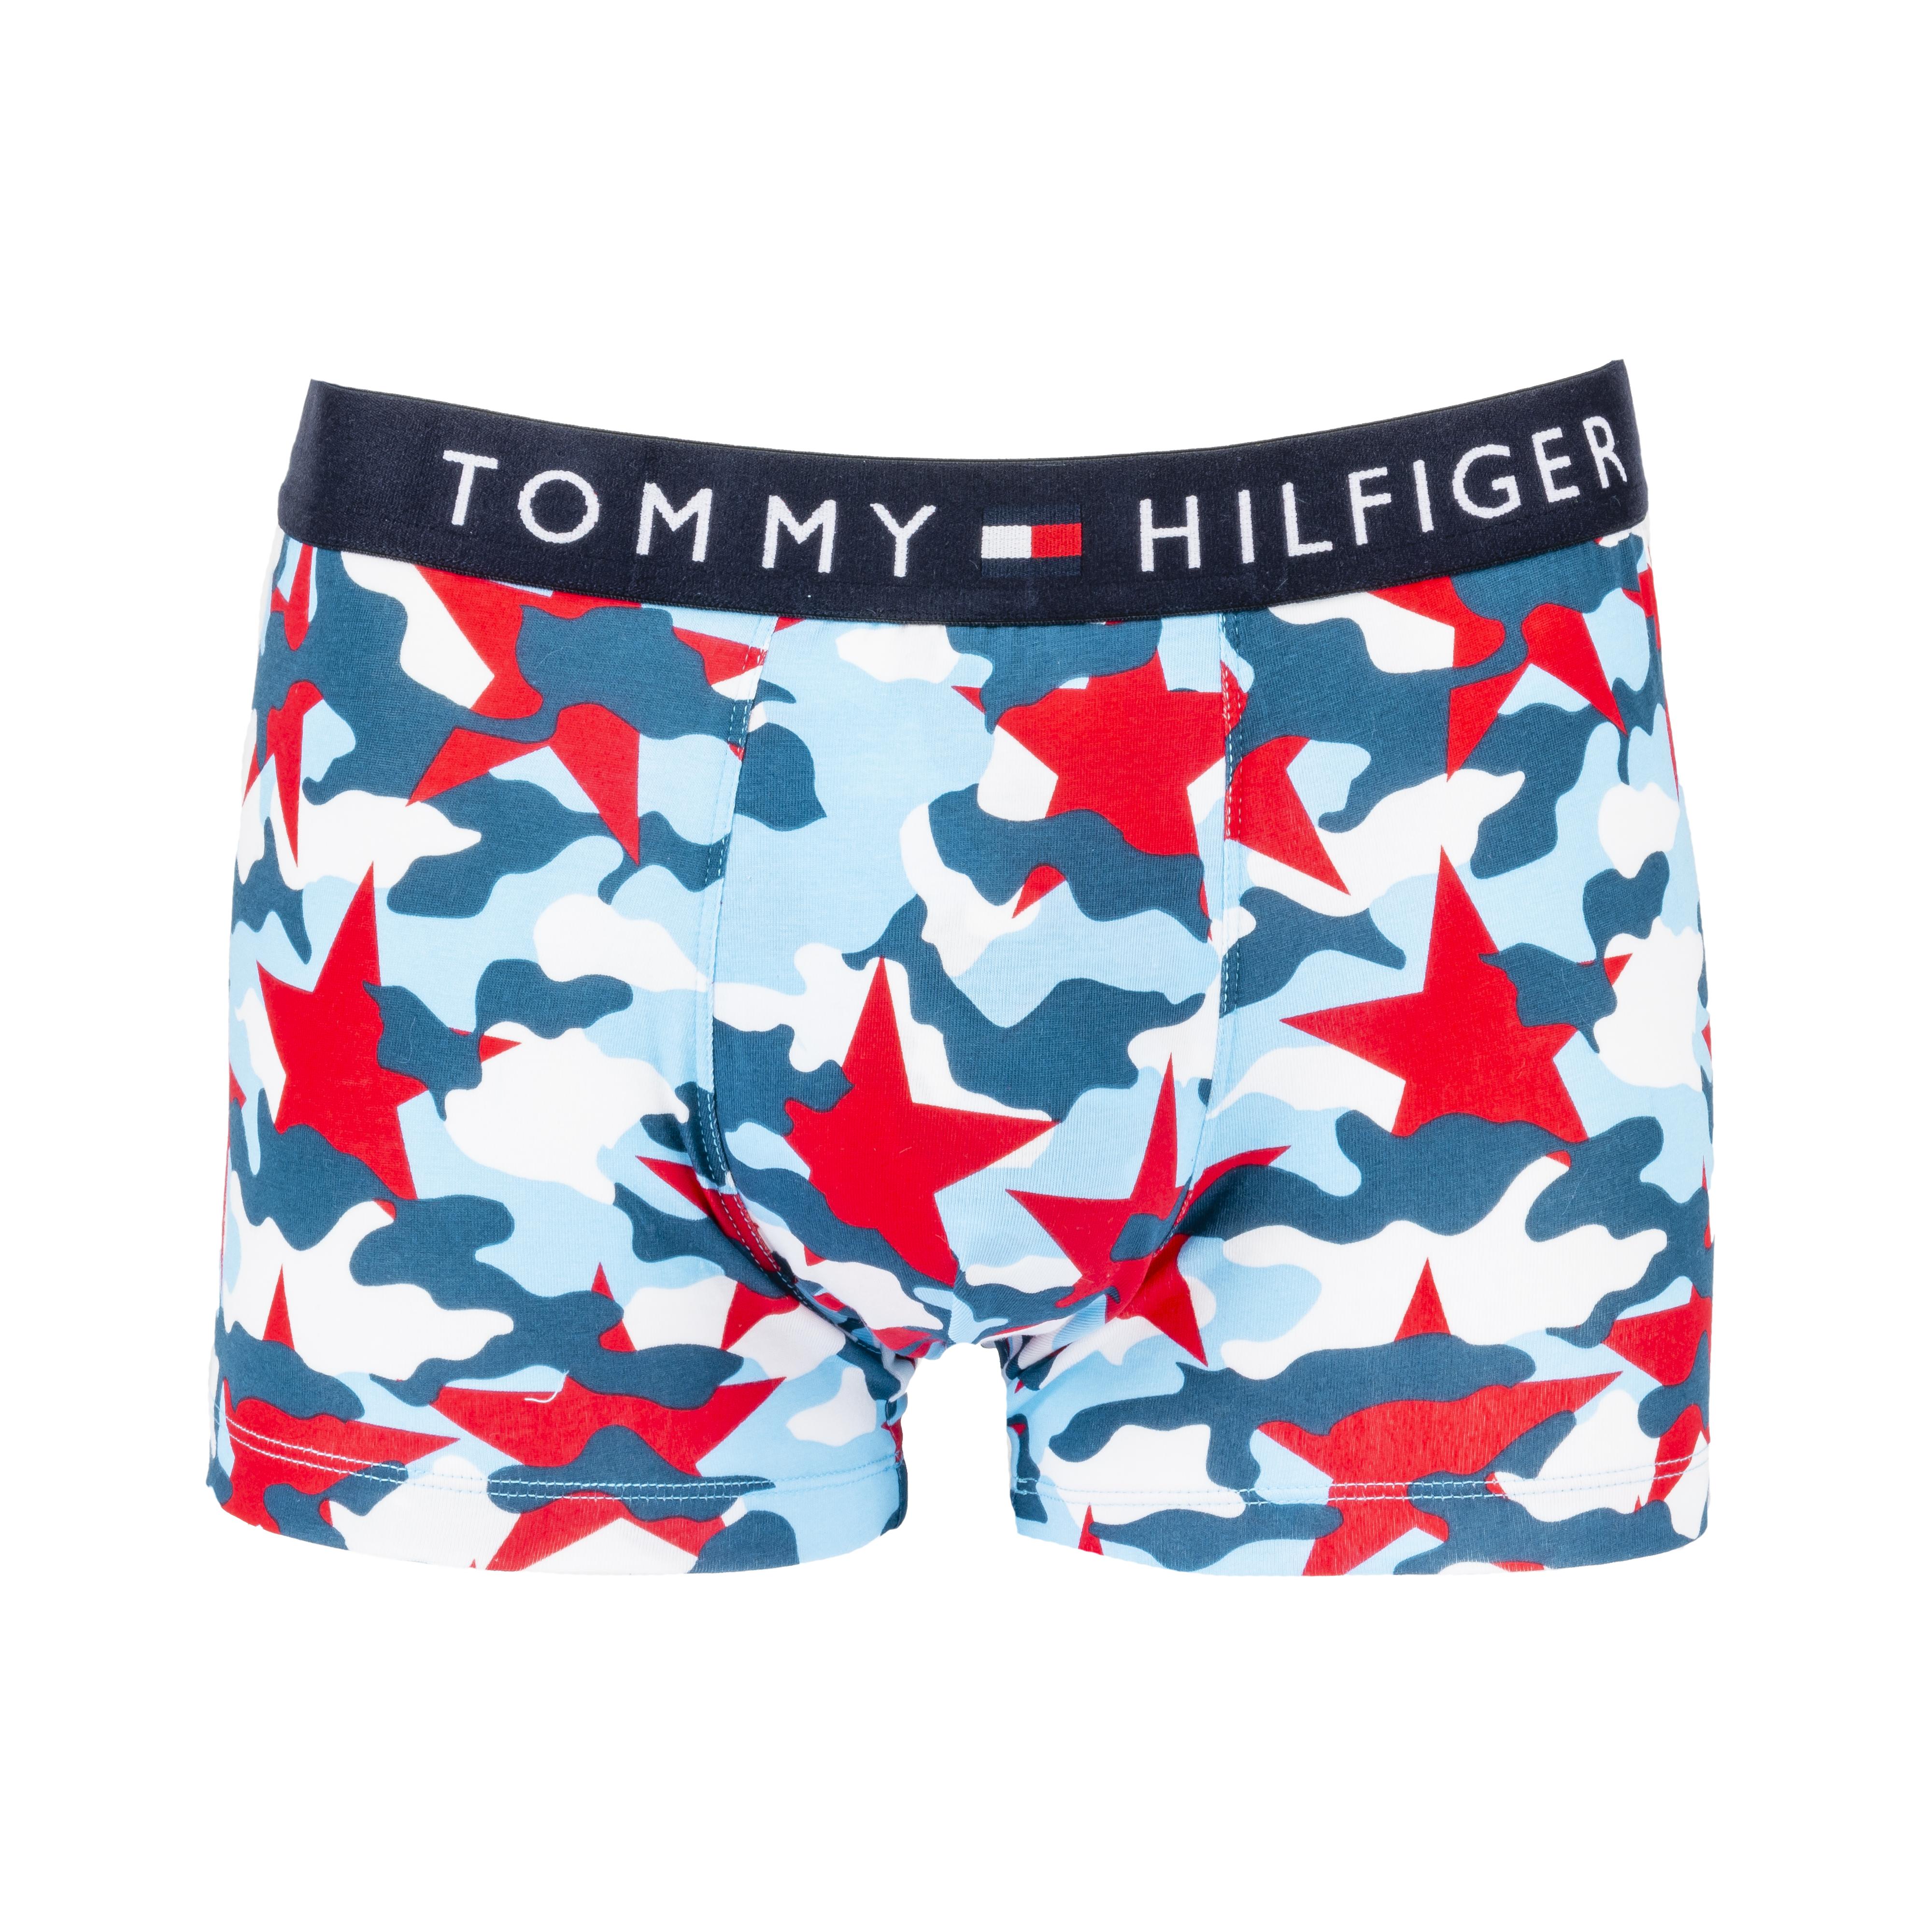 Boxer tommy hilfiger truck en coton stretch à camouflage bleu ciel, bleu marine et rouge